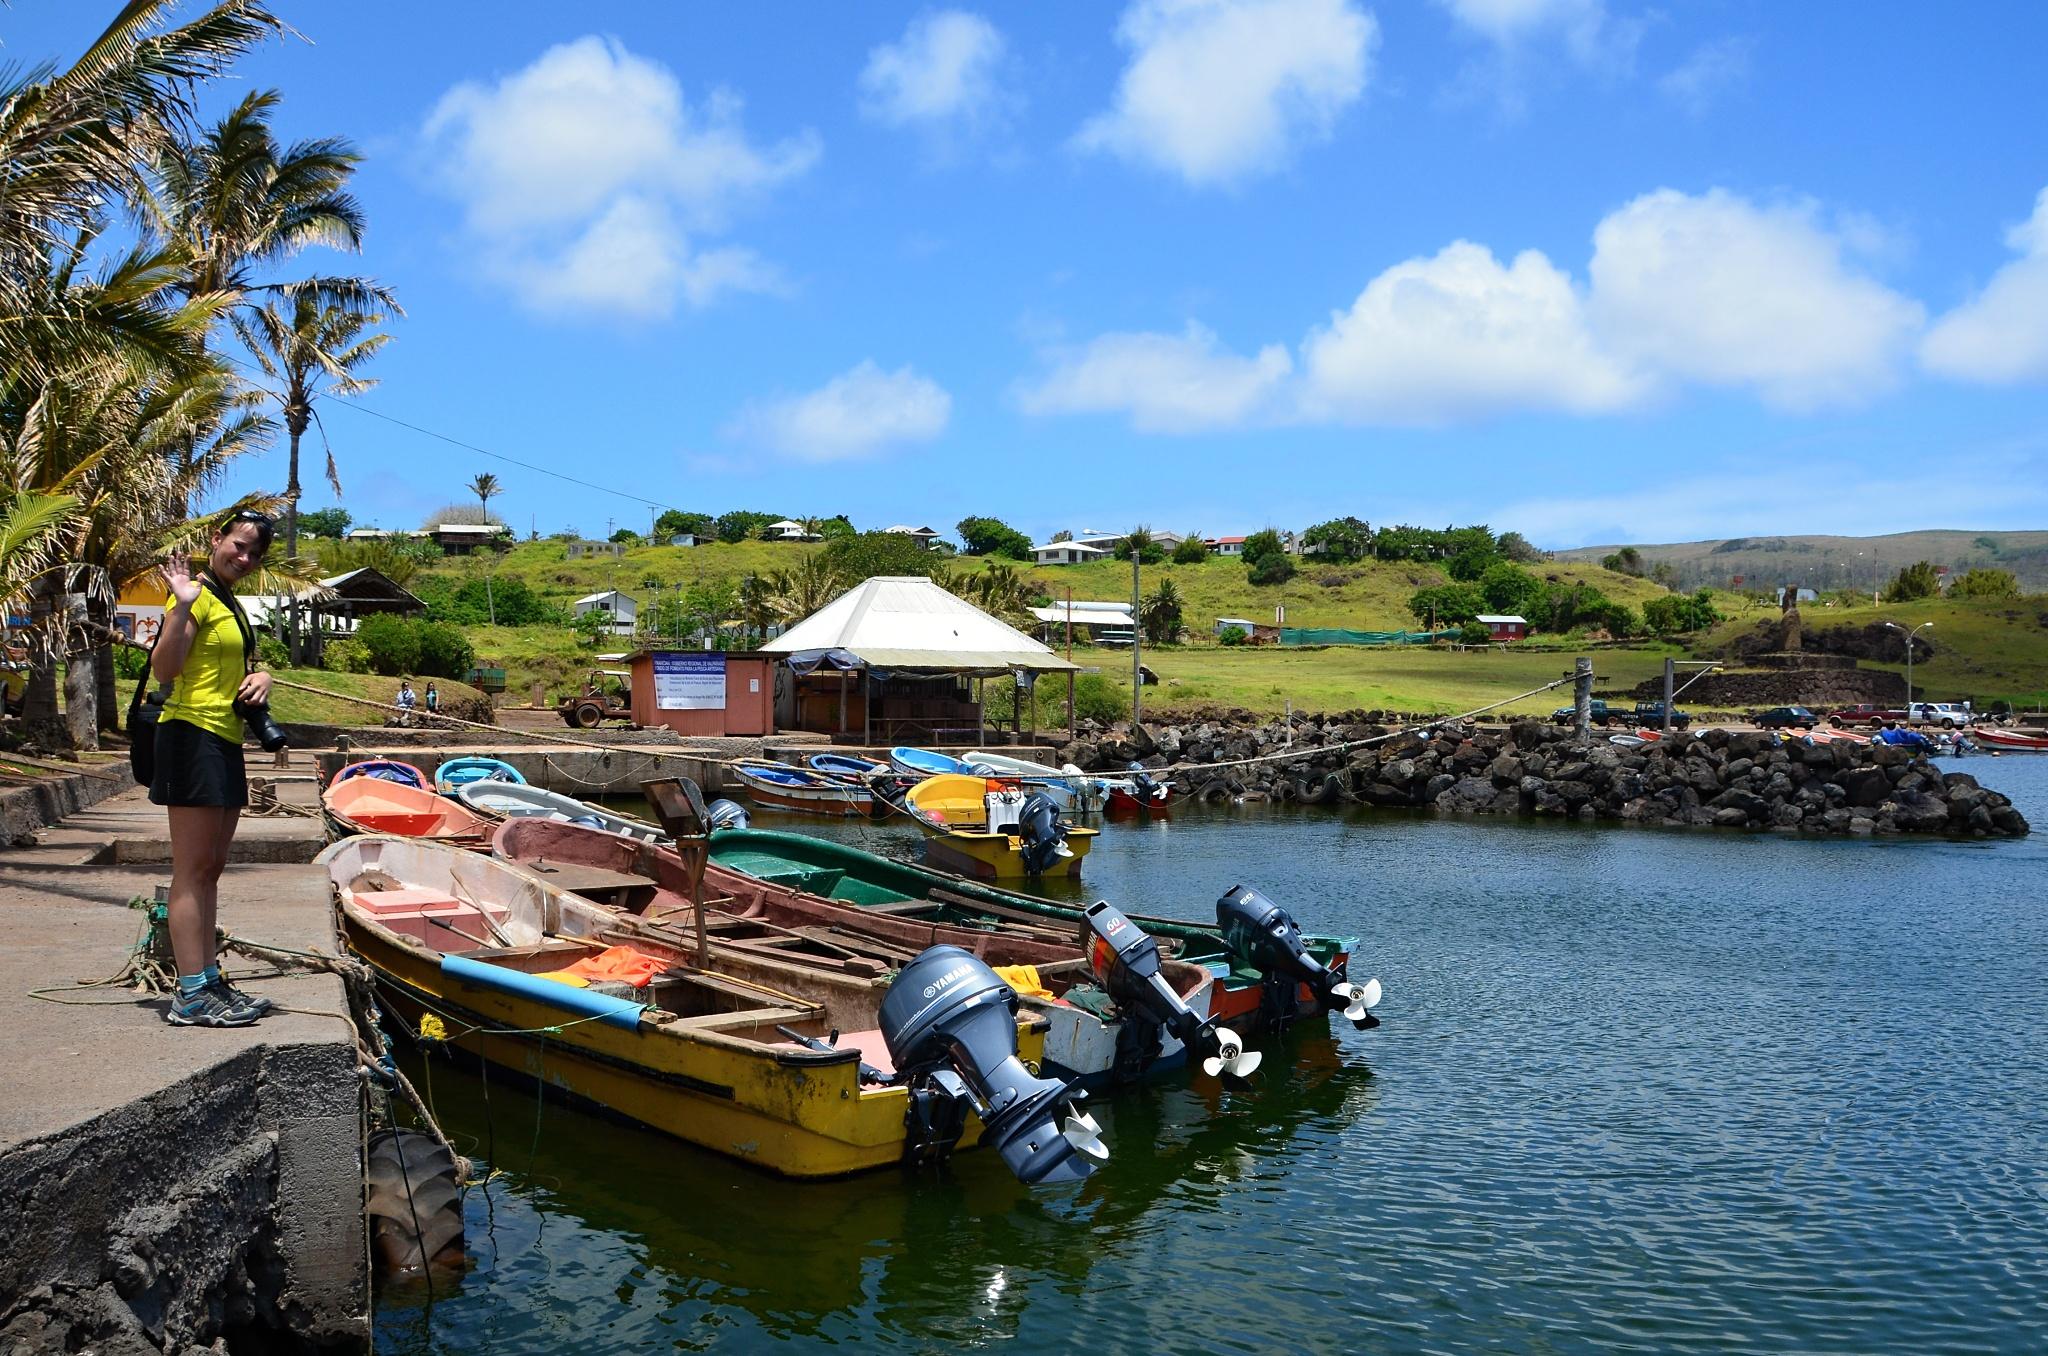 Malý místní přístav